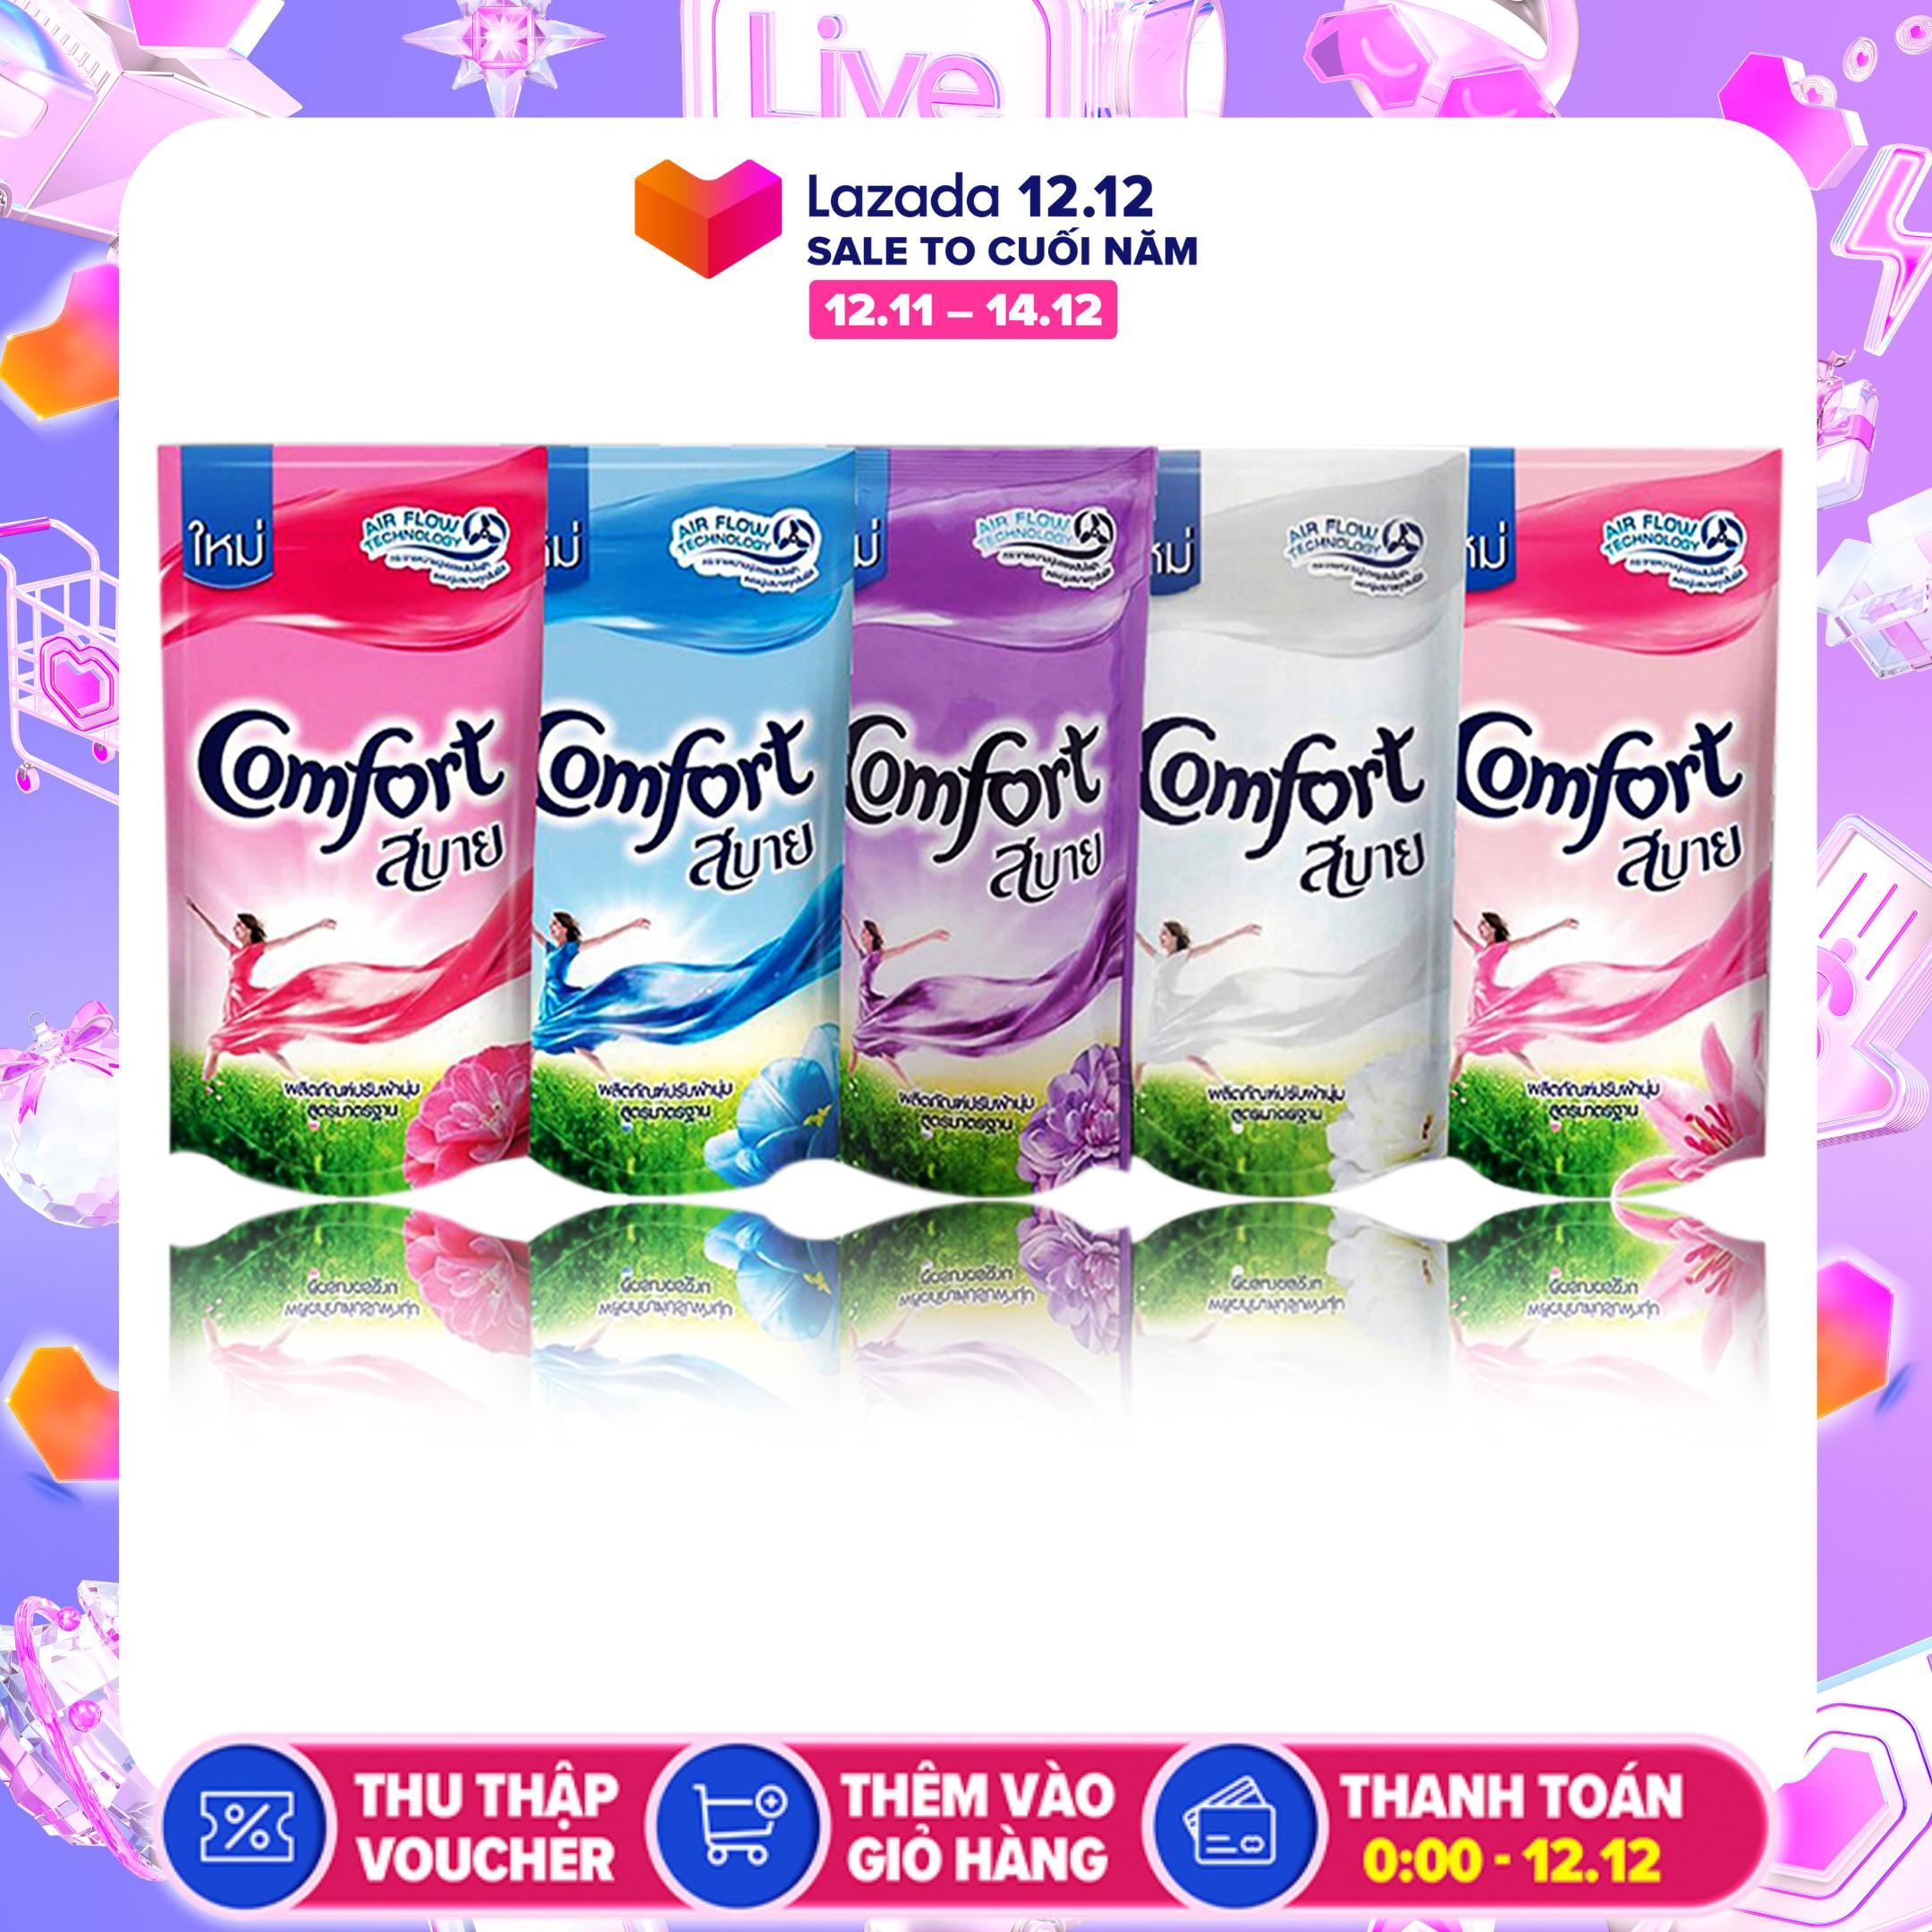 Xả mềm vải Comfort Thái Lan 1 túi 580ml. Comfort xả vải hương thơm nhẹ ecoshine (màu ngẫu nhiên)